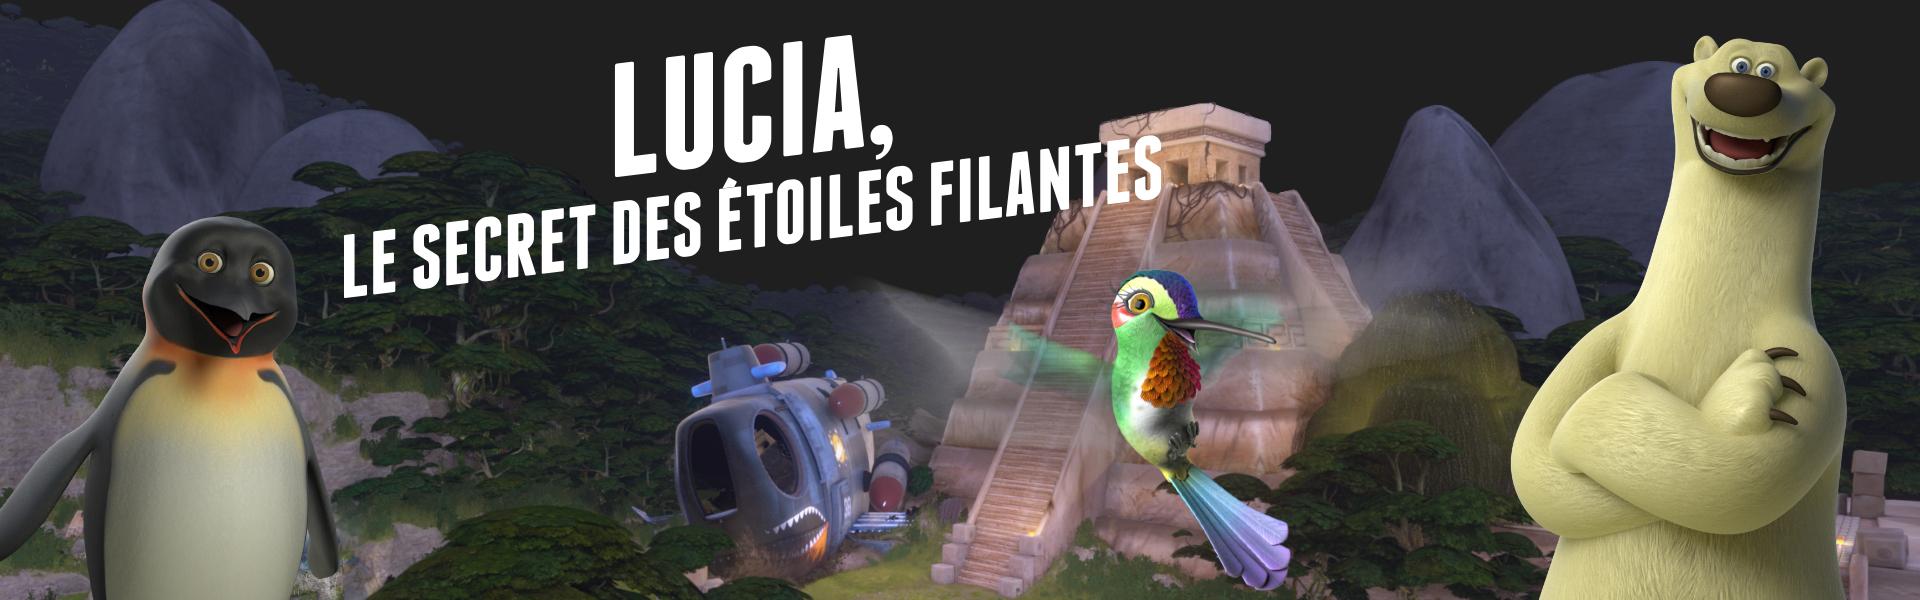 bandeau de notre film Lucia